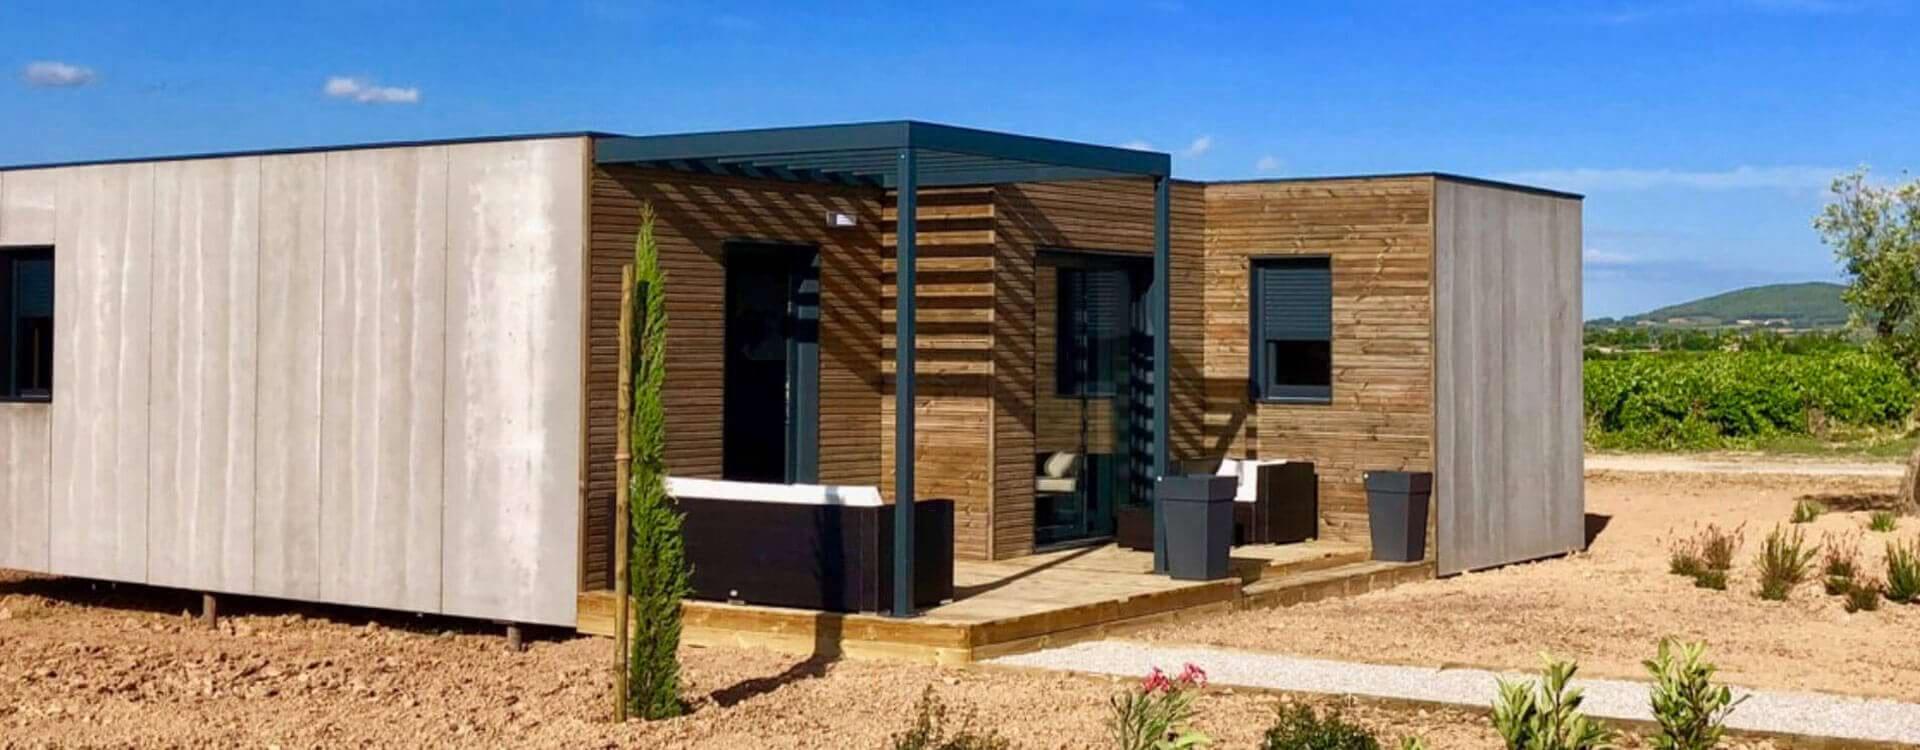 maison en bois nature et residence